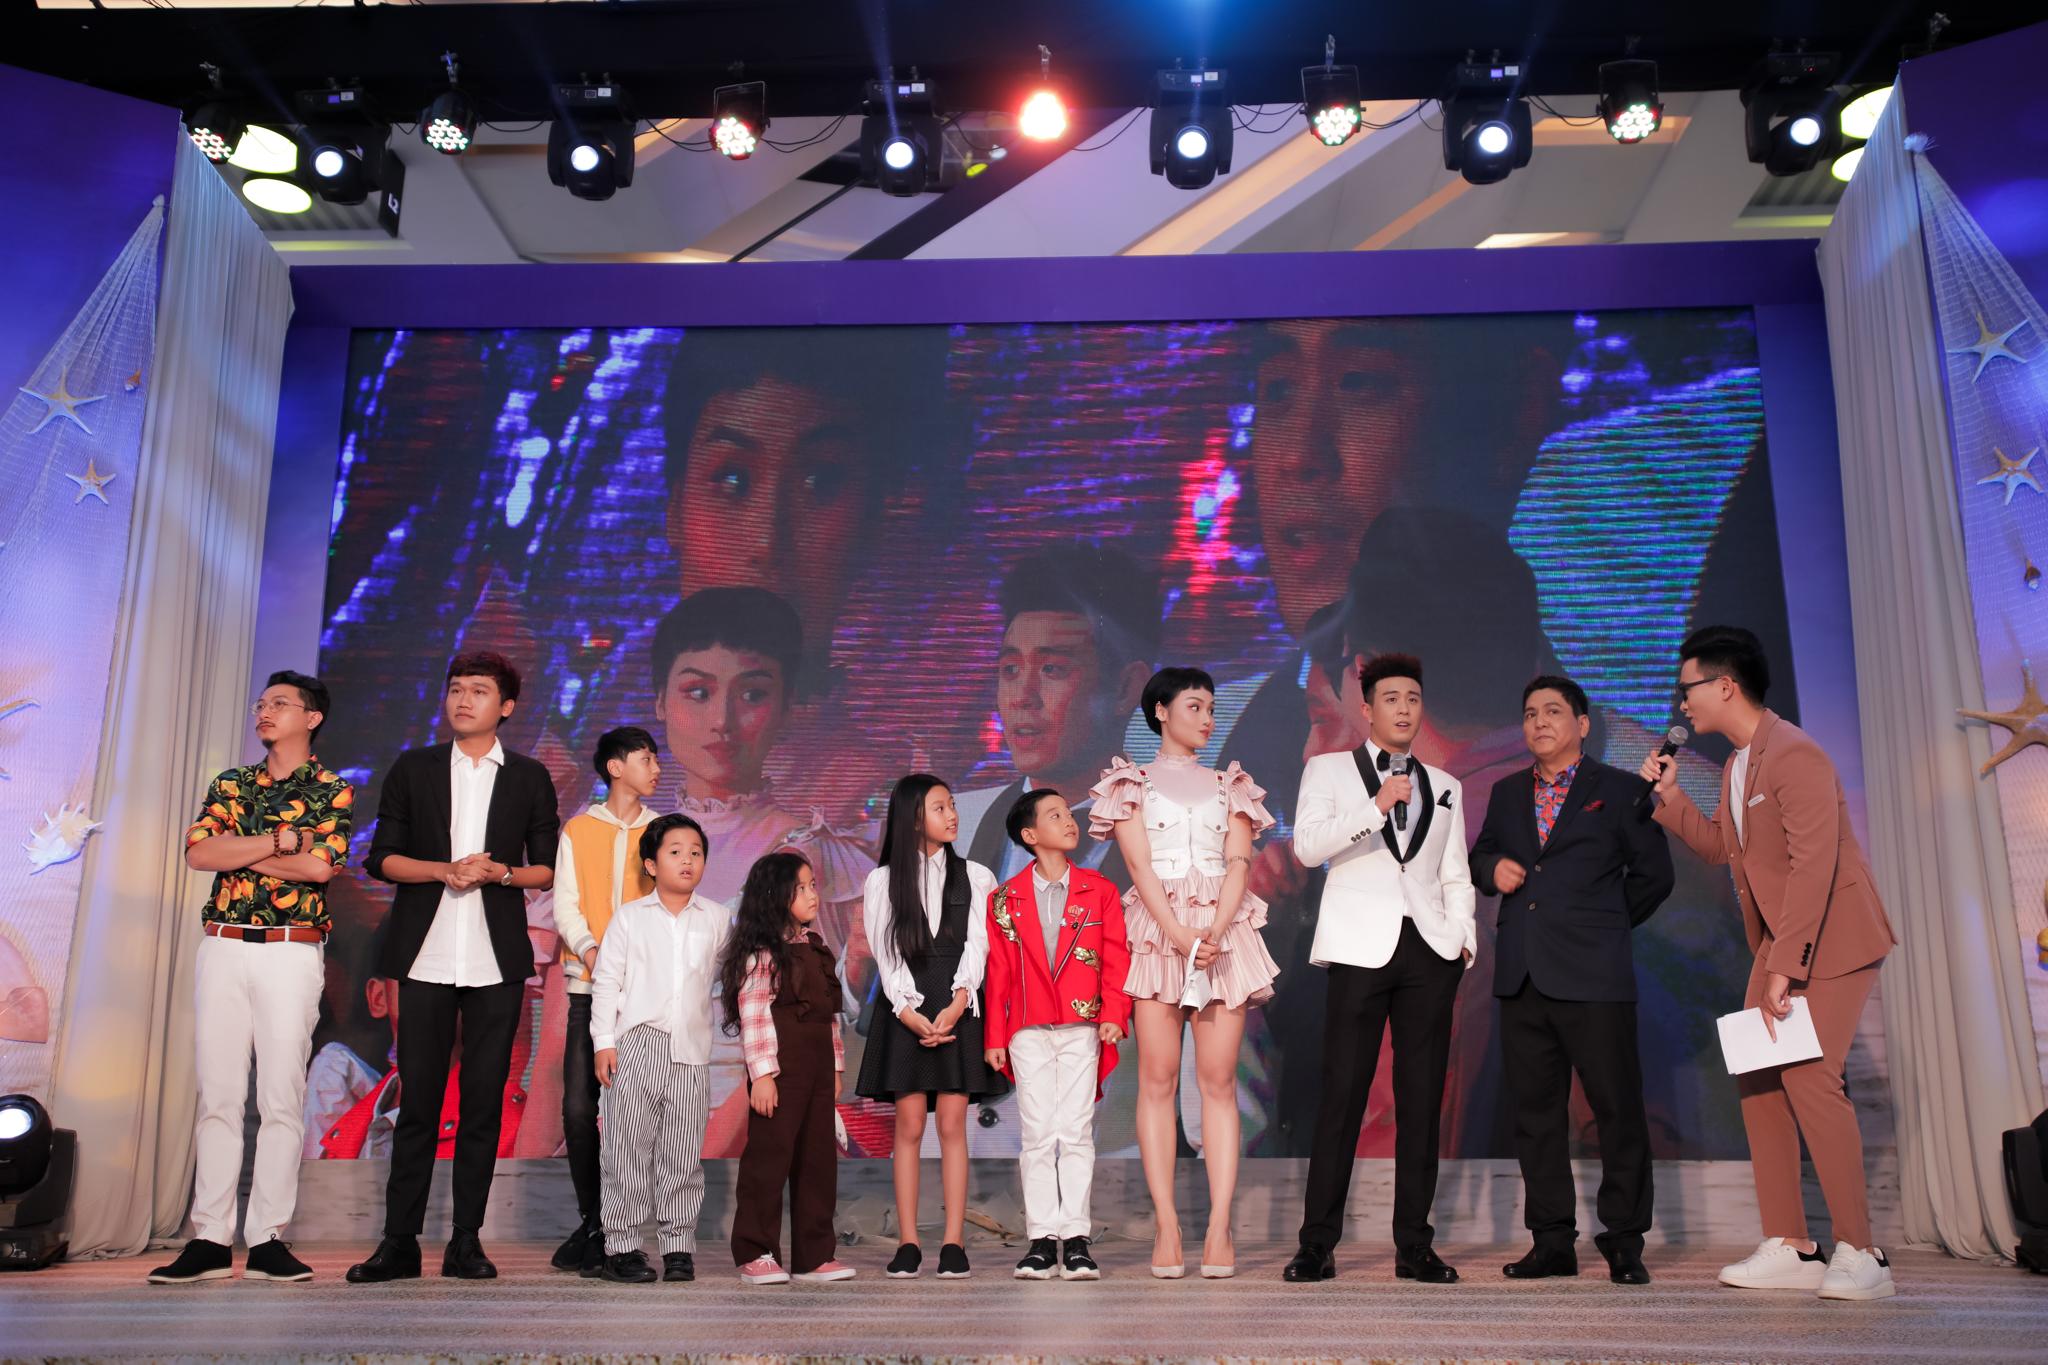 Dàn sao Việt đổ bộ đến buổi ra mắt phim mới của đạo diễn Đức Thịnh - 14